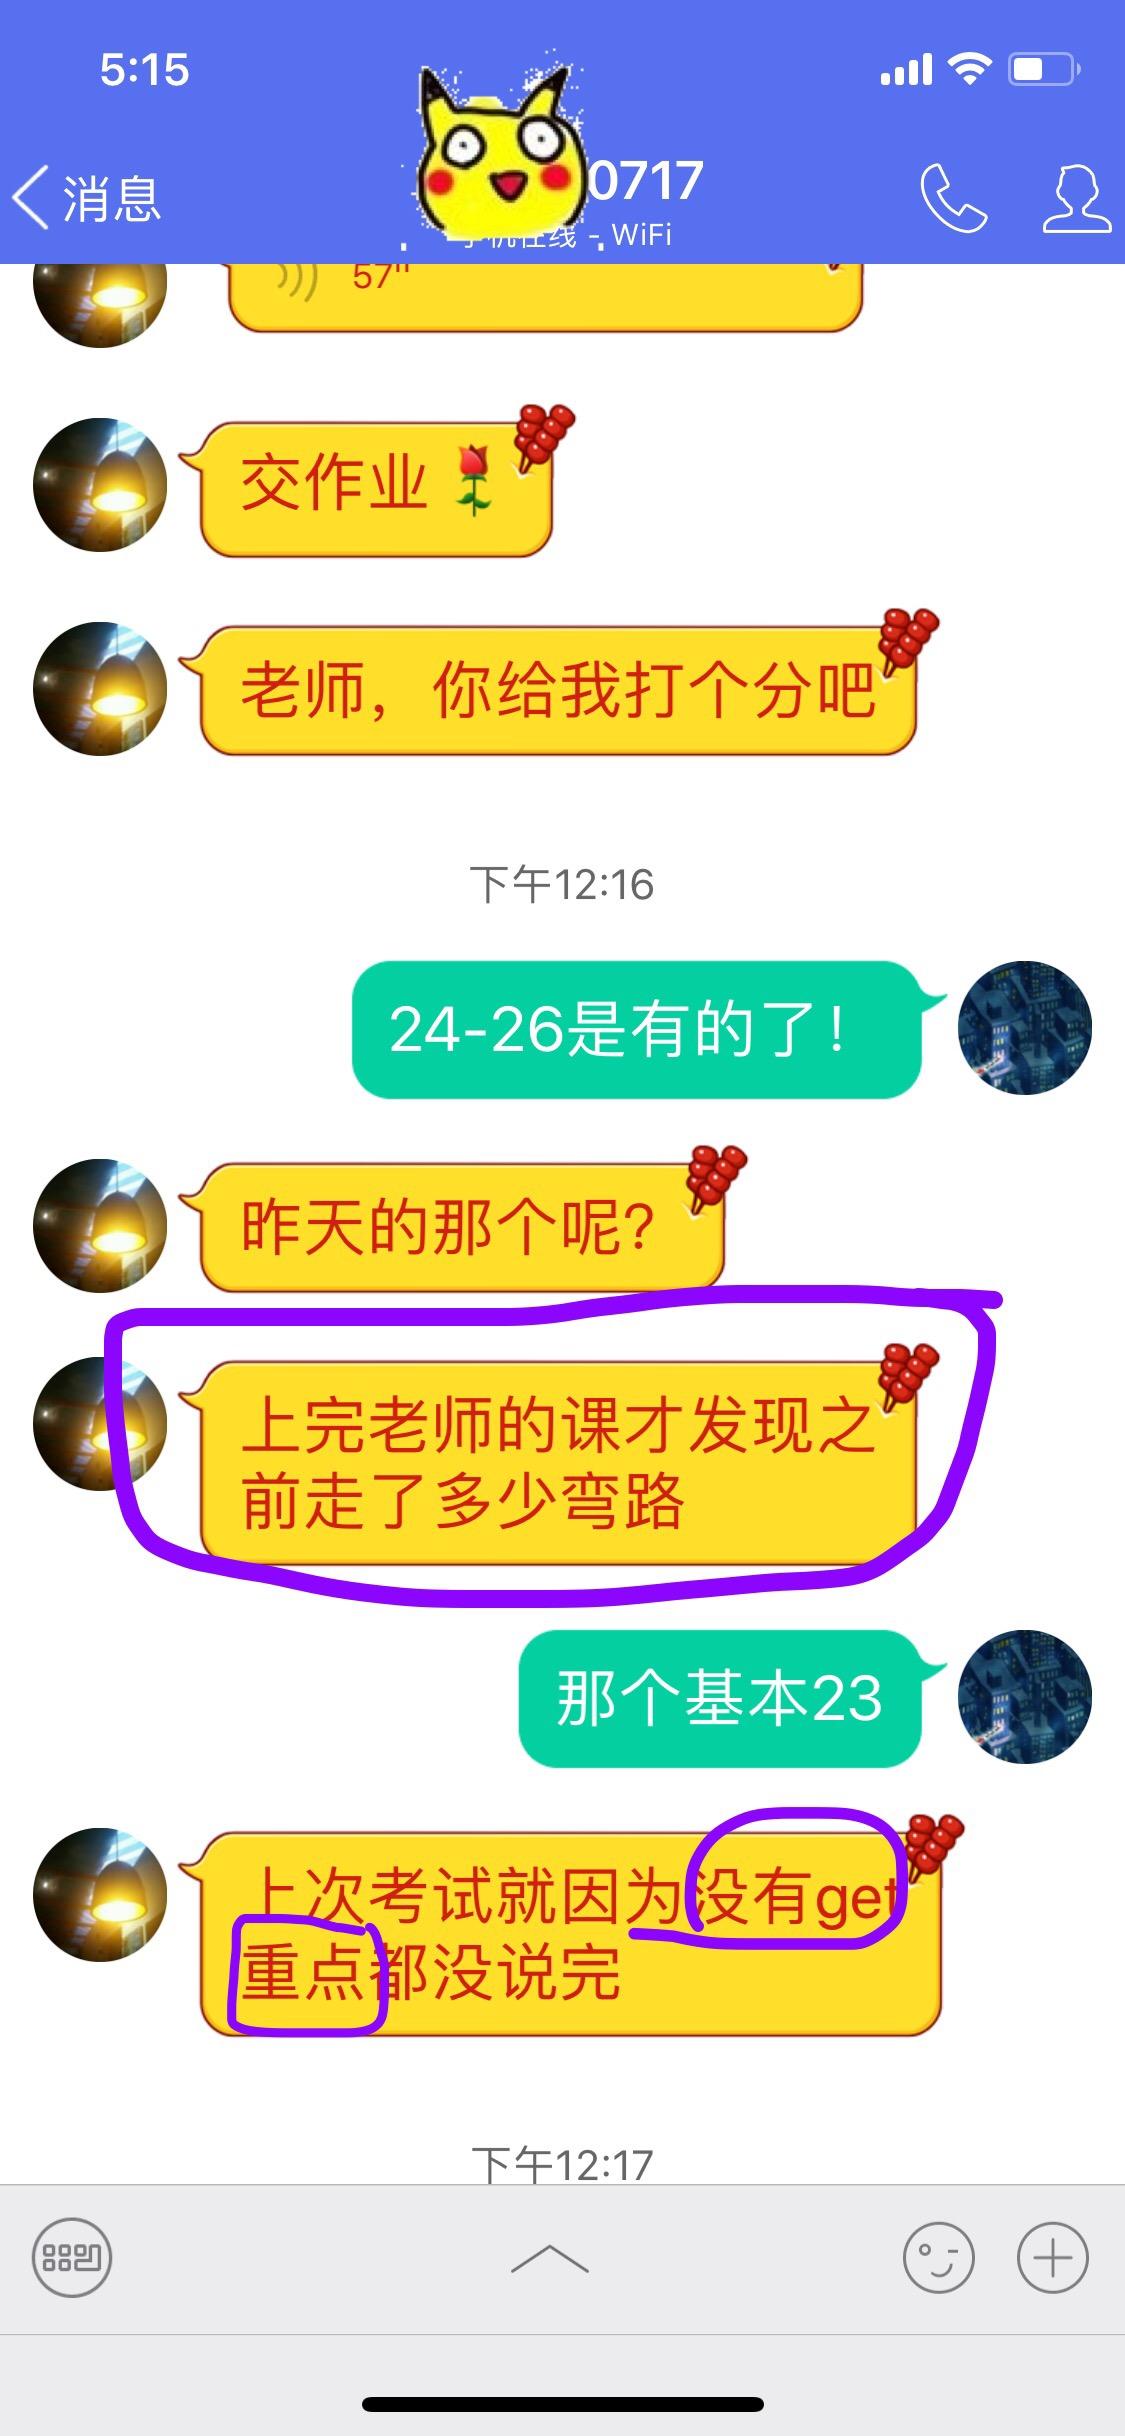 赵爽学员评价2